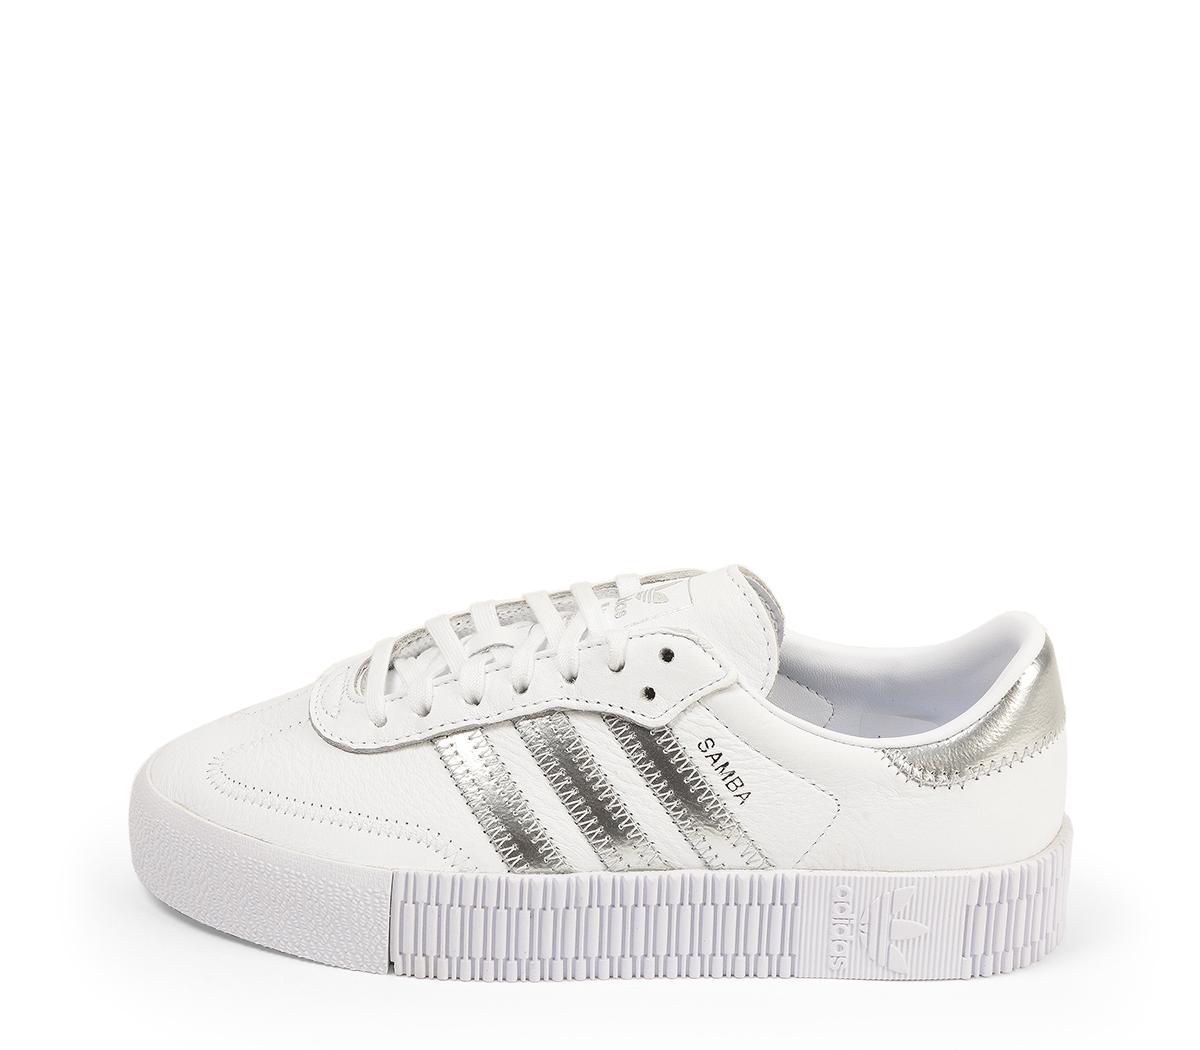 Ref. 4474 Adidas Sambarose piel blanca con detalles en piel plata. Altura plataforma 3 cm. Cordones blancos.